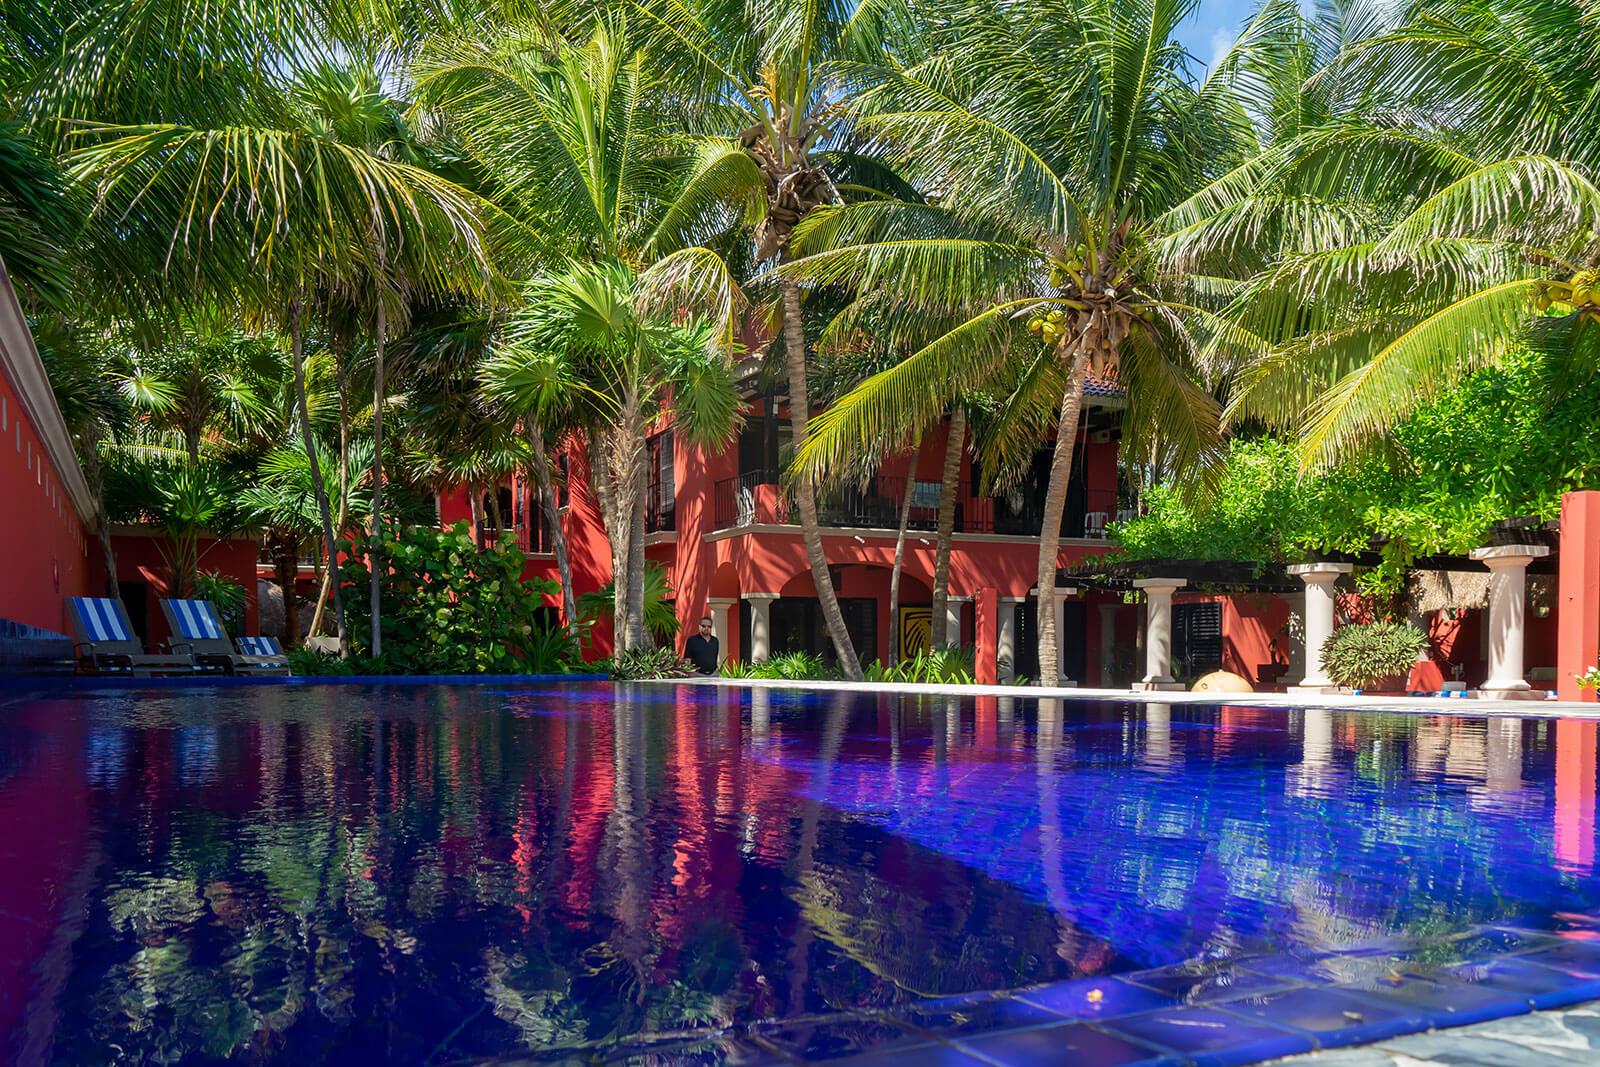 Maya_Luxe_Riviera_Maya_Luxury_Villas_Experiences_Soliman_Bay_6_Bedrooms_Casa_Buena_Suerte_10.jpg